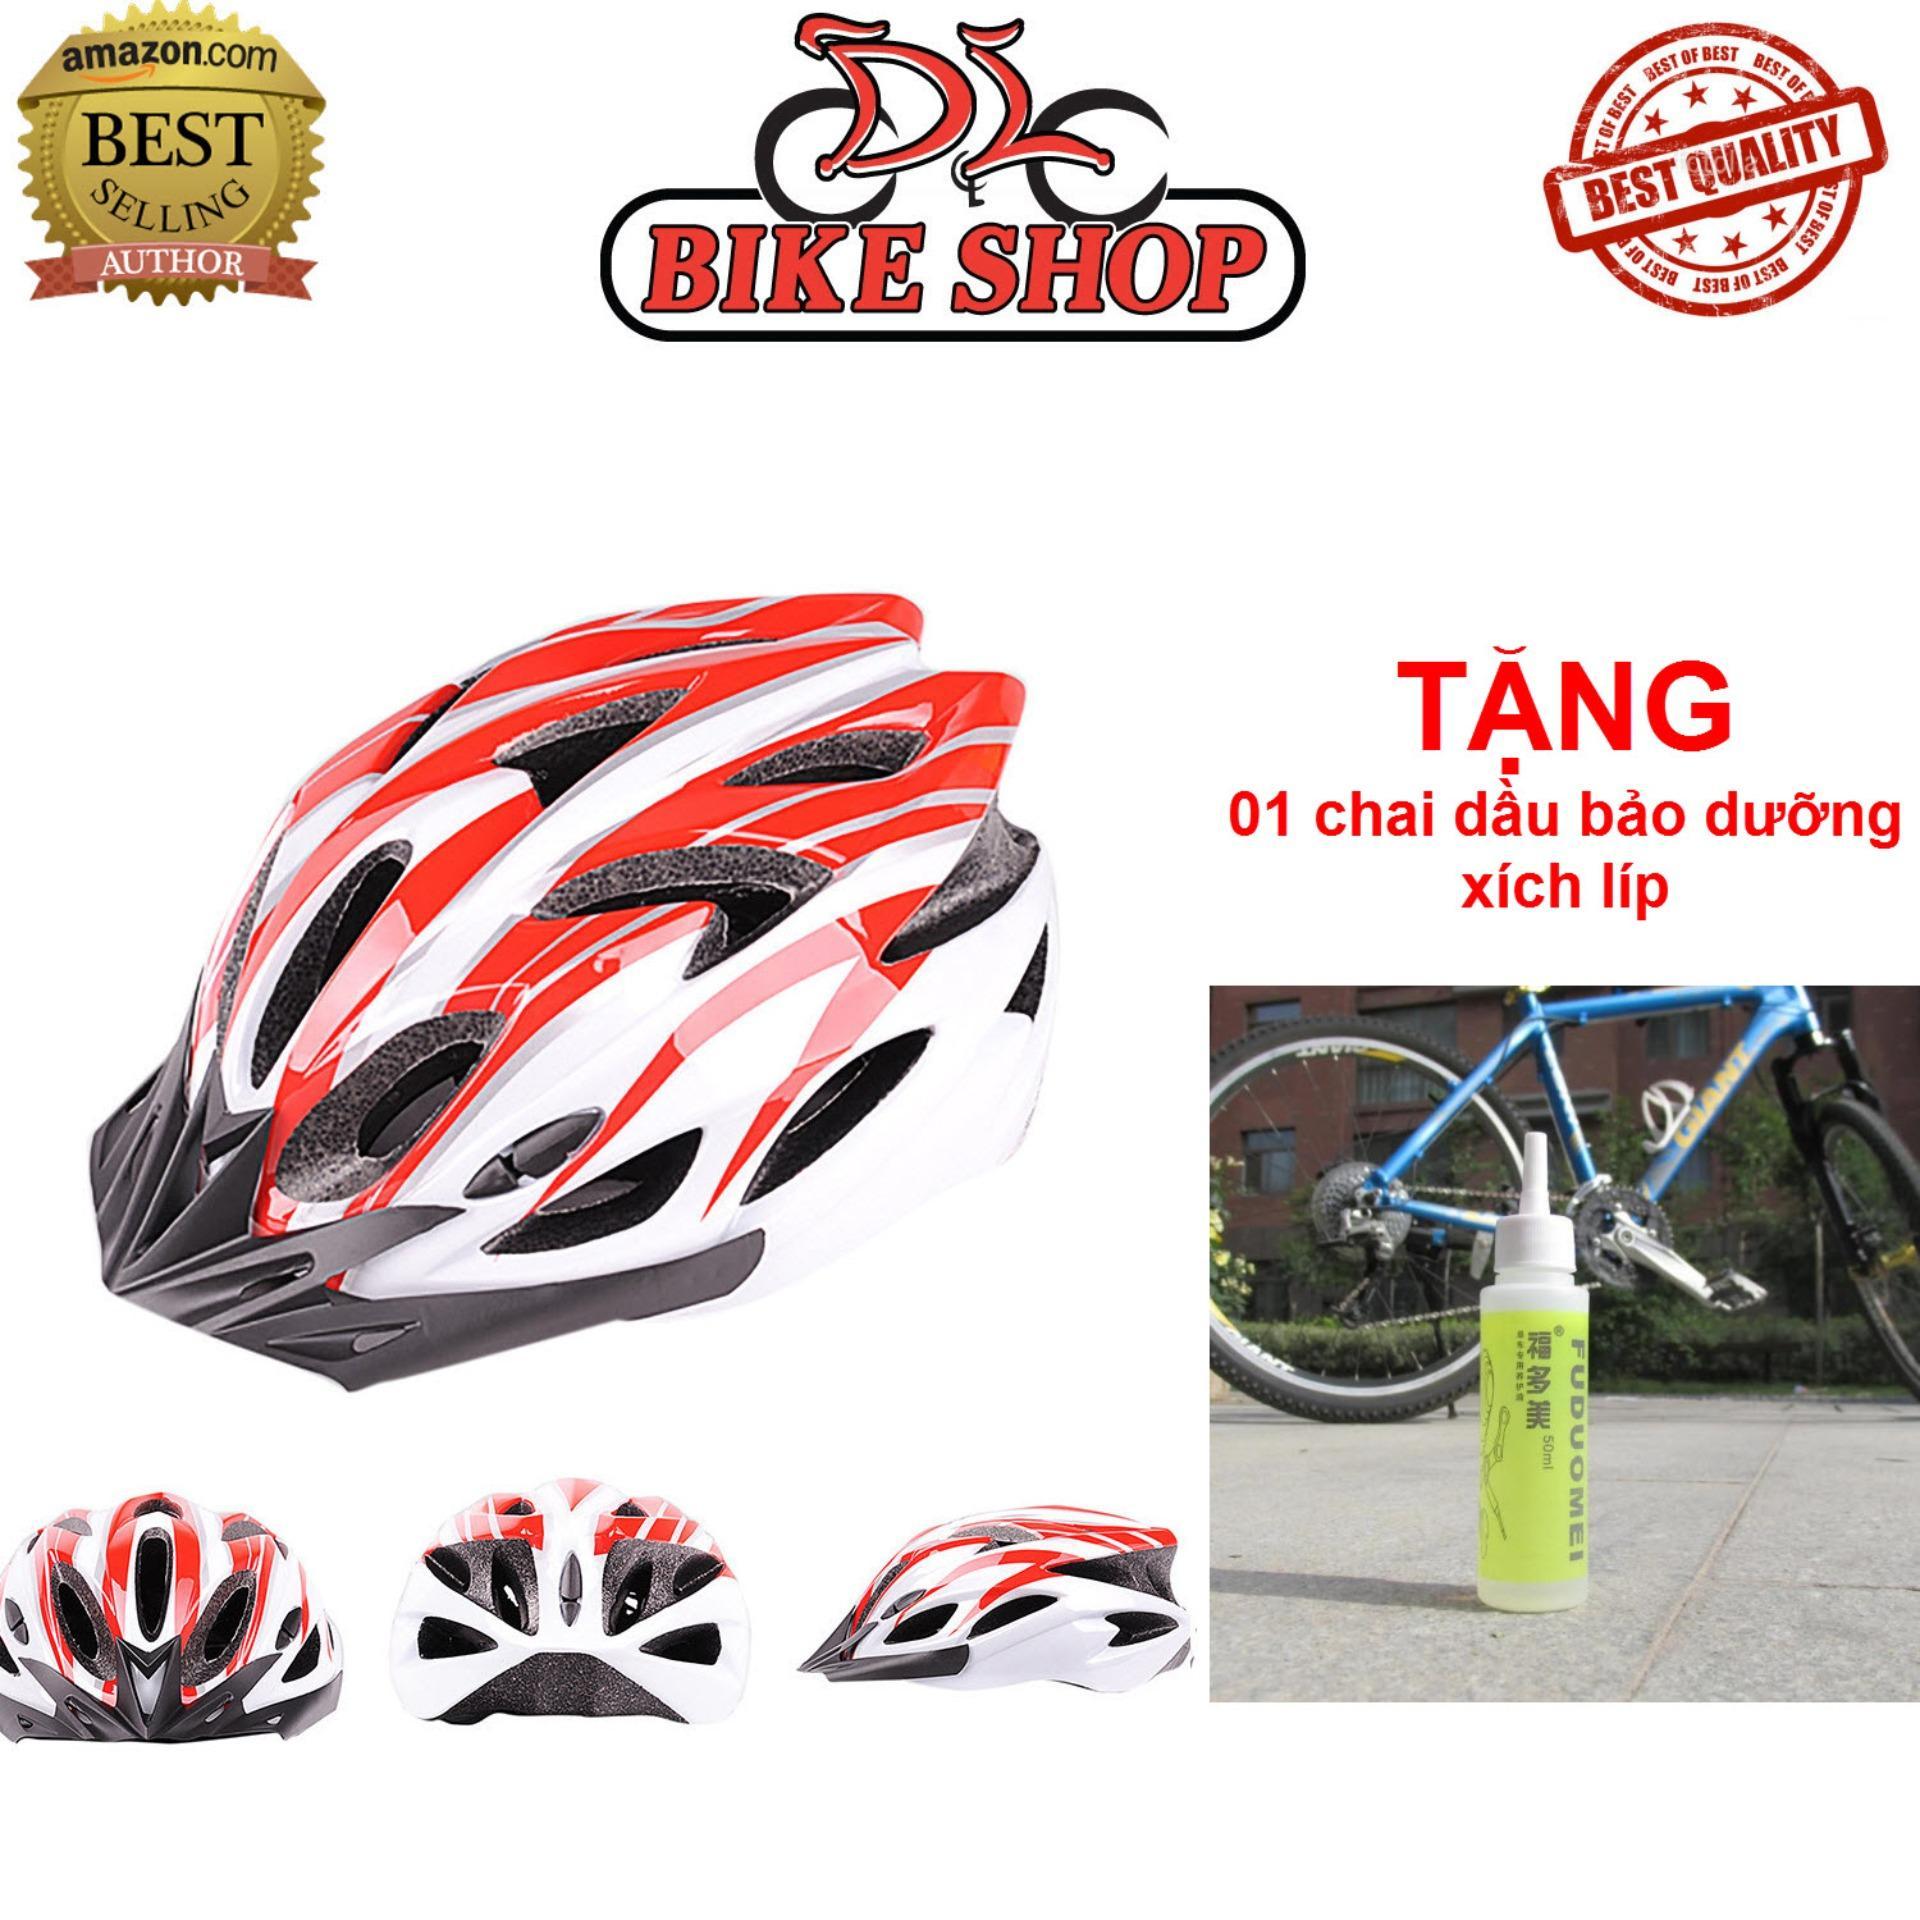 Hình ảnh Mũ bảo hiểm xe đạp - Chất liệu Carbon Siêu nhẹ, cực an toàn - Phù hợp cho trẻ từ 6 tuổi cho tới người lớn